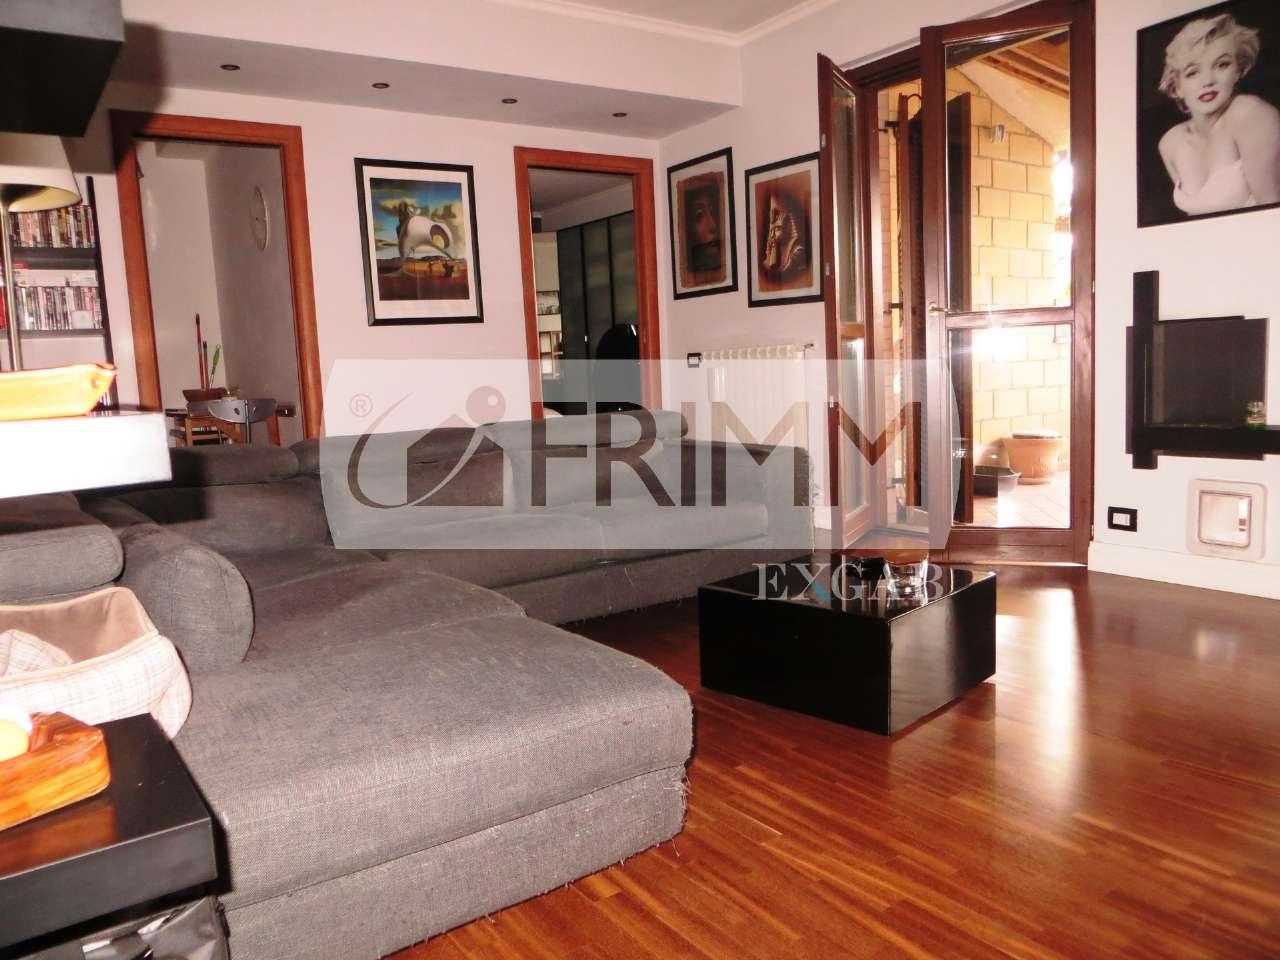 Attico / Mansarda in vendita a Roma, 2 locali, zona Zona: 42 . Cassia - Olgiata, prezzo € 209.000 | CambioCasa.it